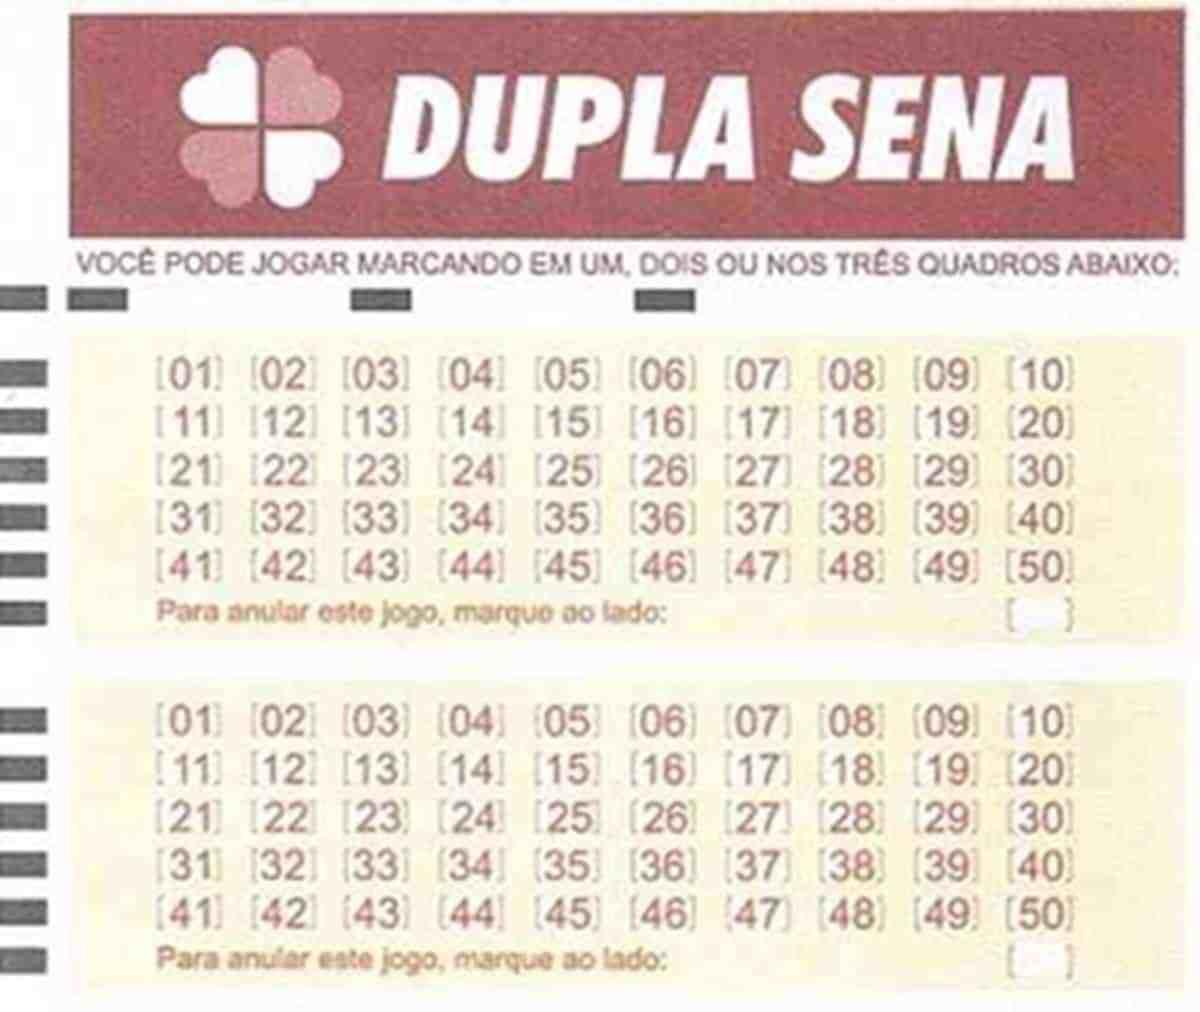 Dupla Sena concurso 2157 - a imagem é de um volante da Dupla Sena